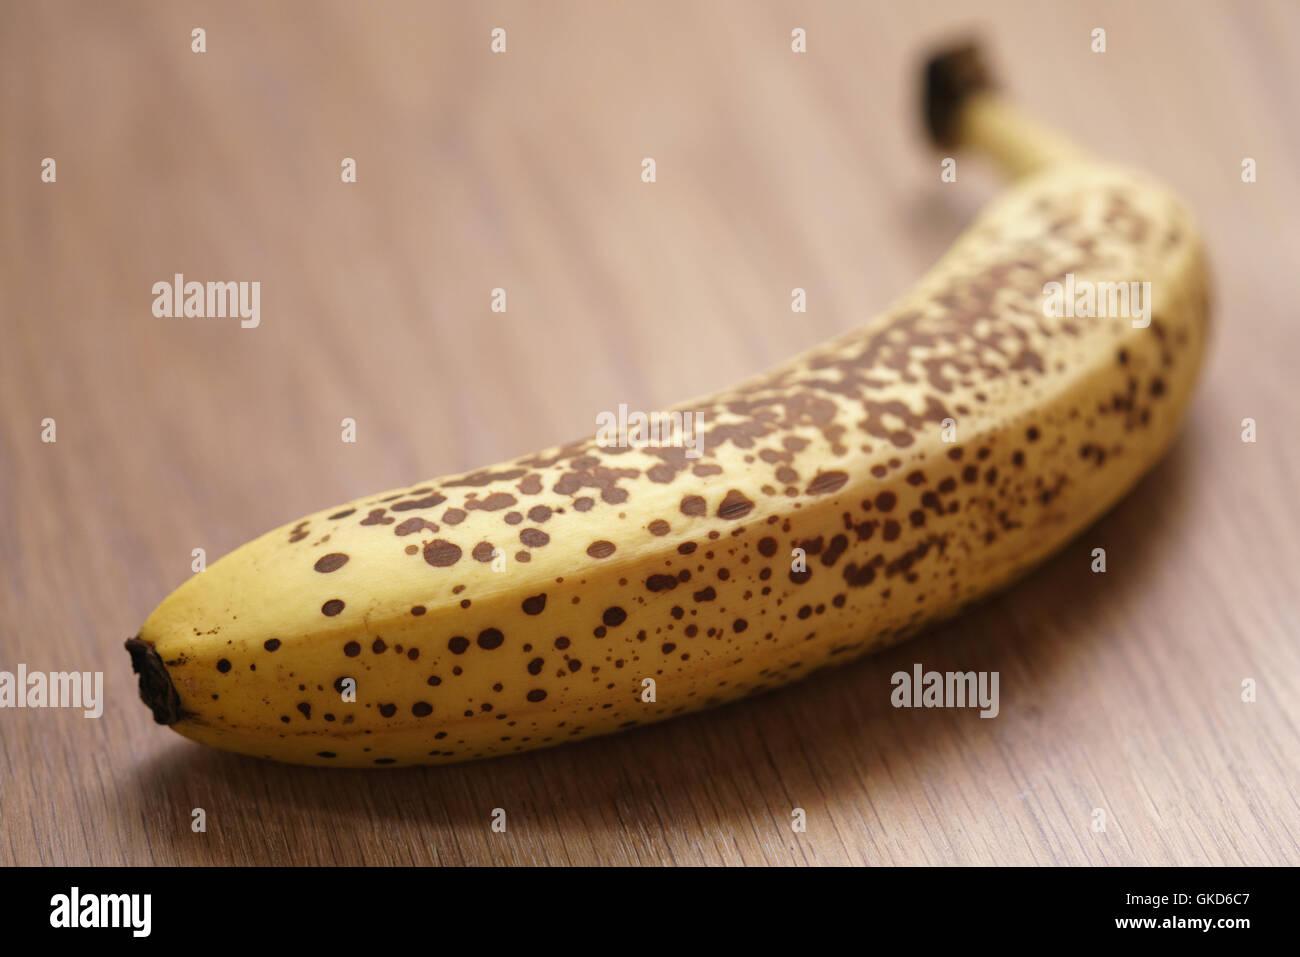 Banana On Table one banana with dots on wood table